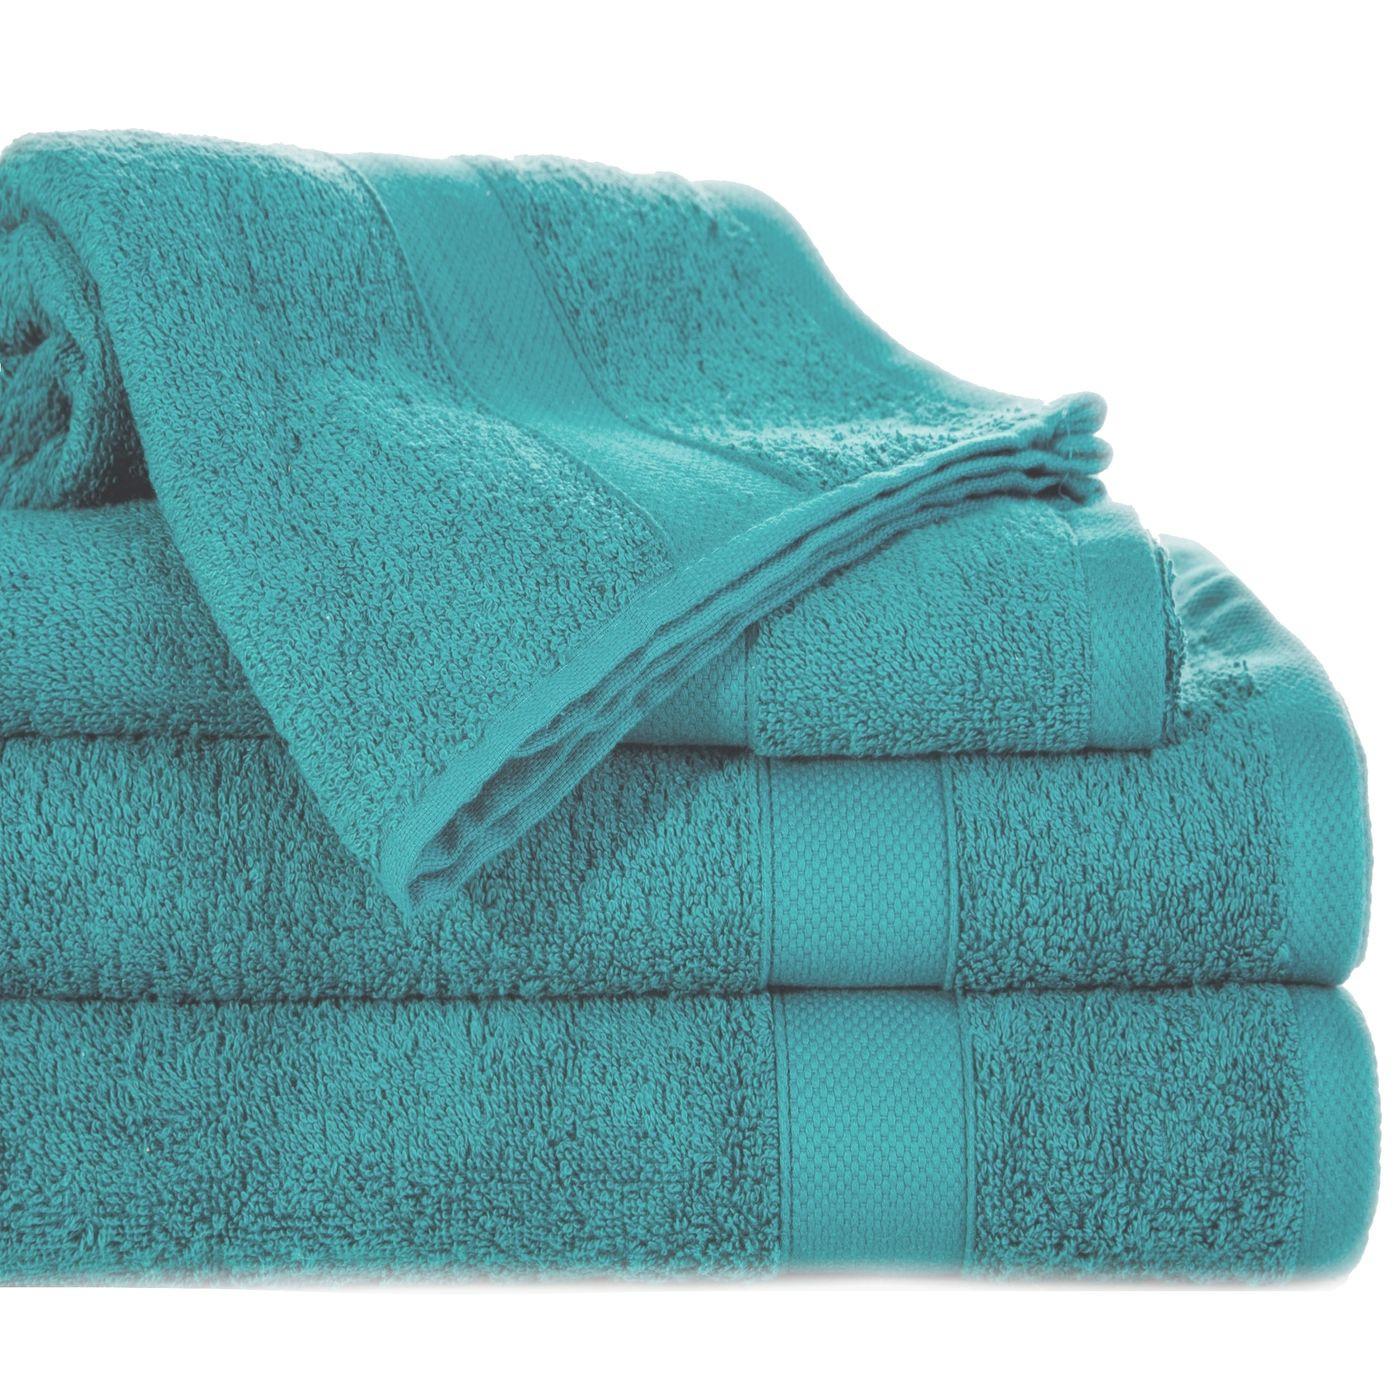 Miękki chłonny ręcznik kąpielowy turkusowy 50x90